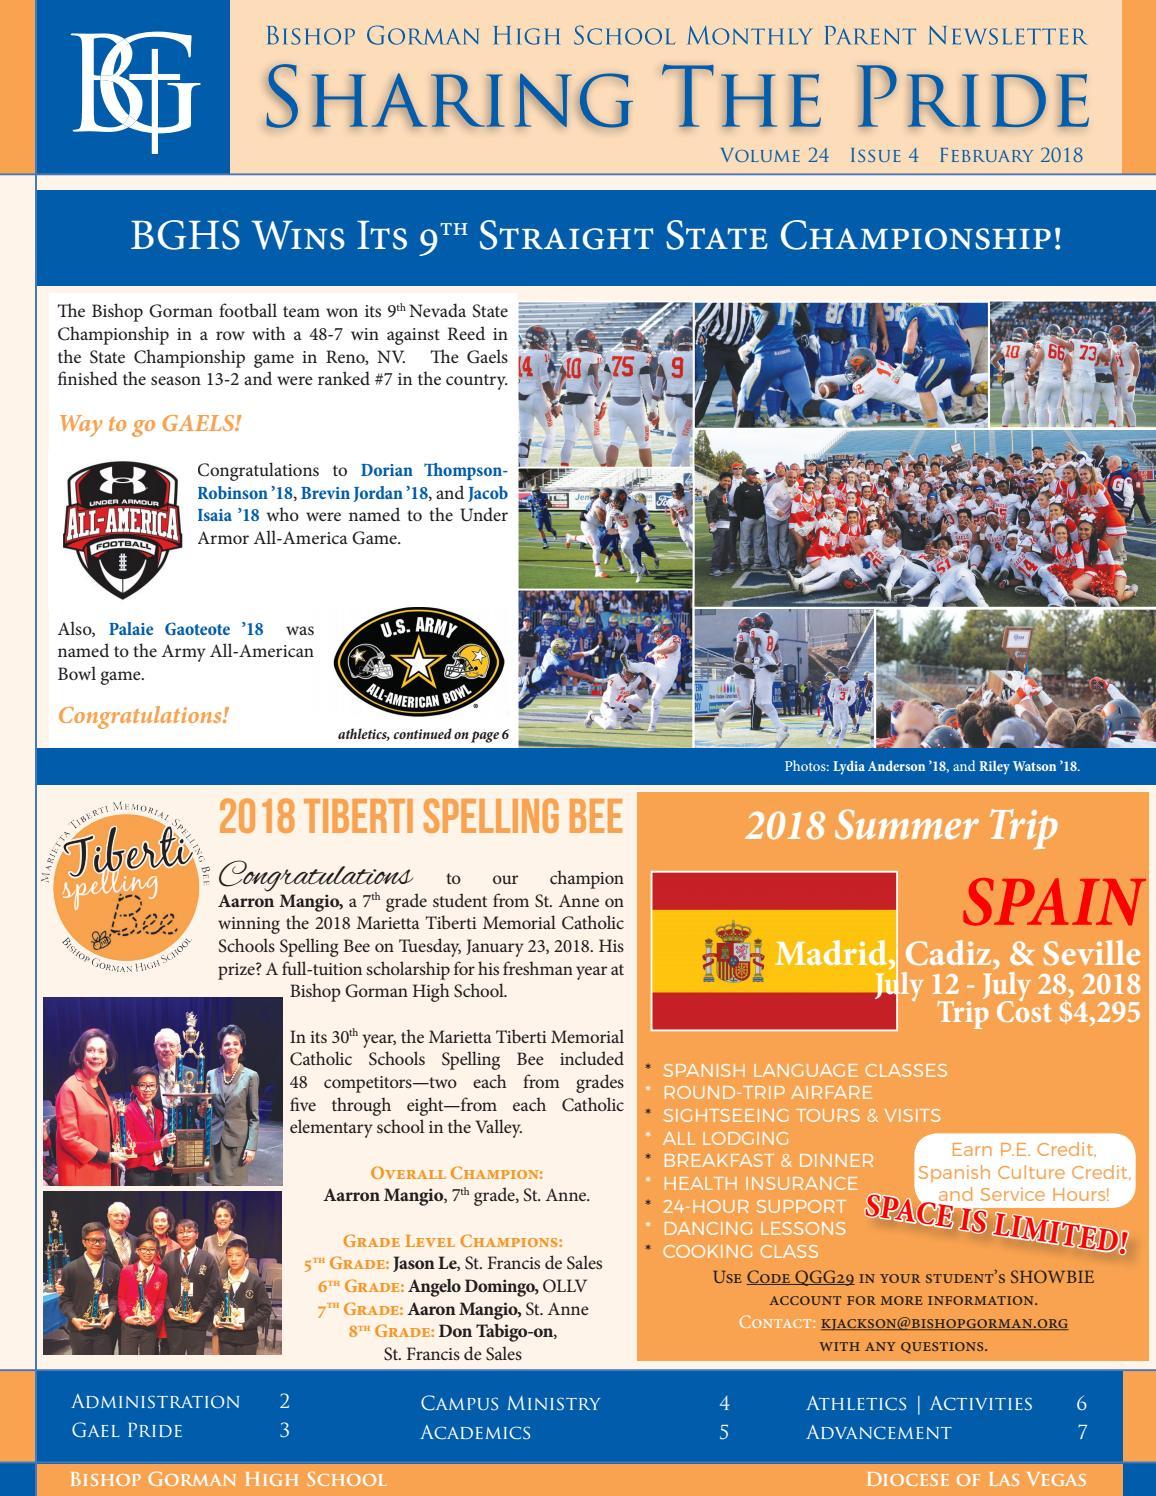 Bishop Gorman High School: Sharing The Pride Newsletter ...